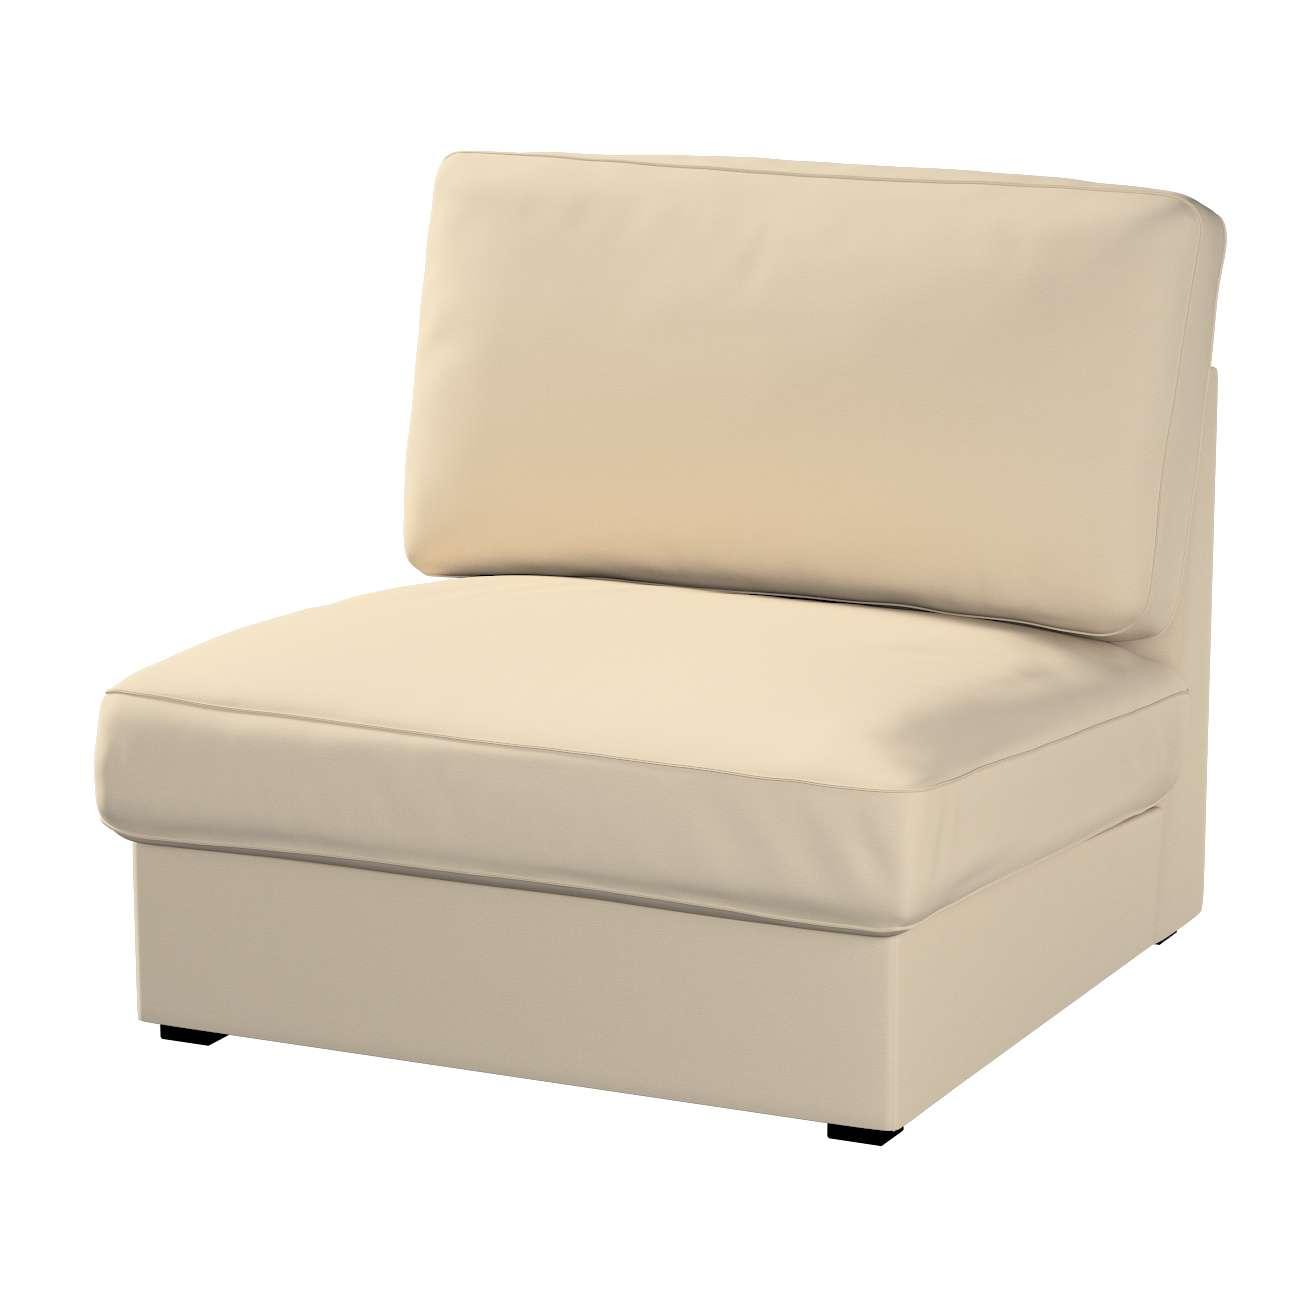 KIVIK fotelio/vienvietės dalies užvalkalas Kivik armchair kolekcijoje Cotton Panama, audinys: 702-01